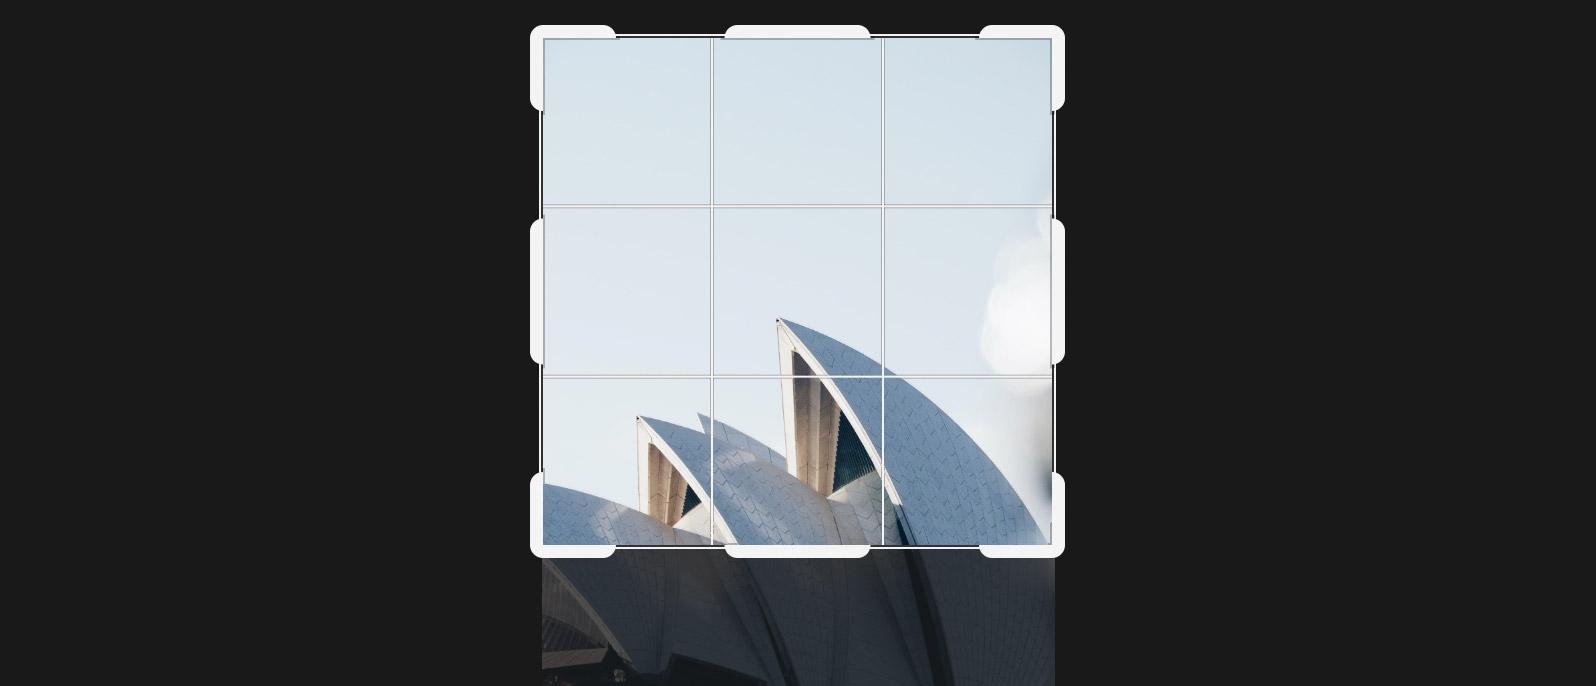 Обрезка изображения WordPress при создании размеров по верхнему краю